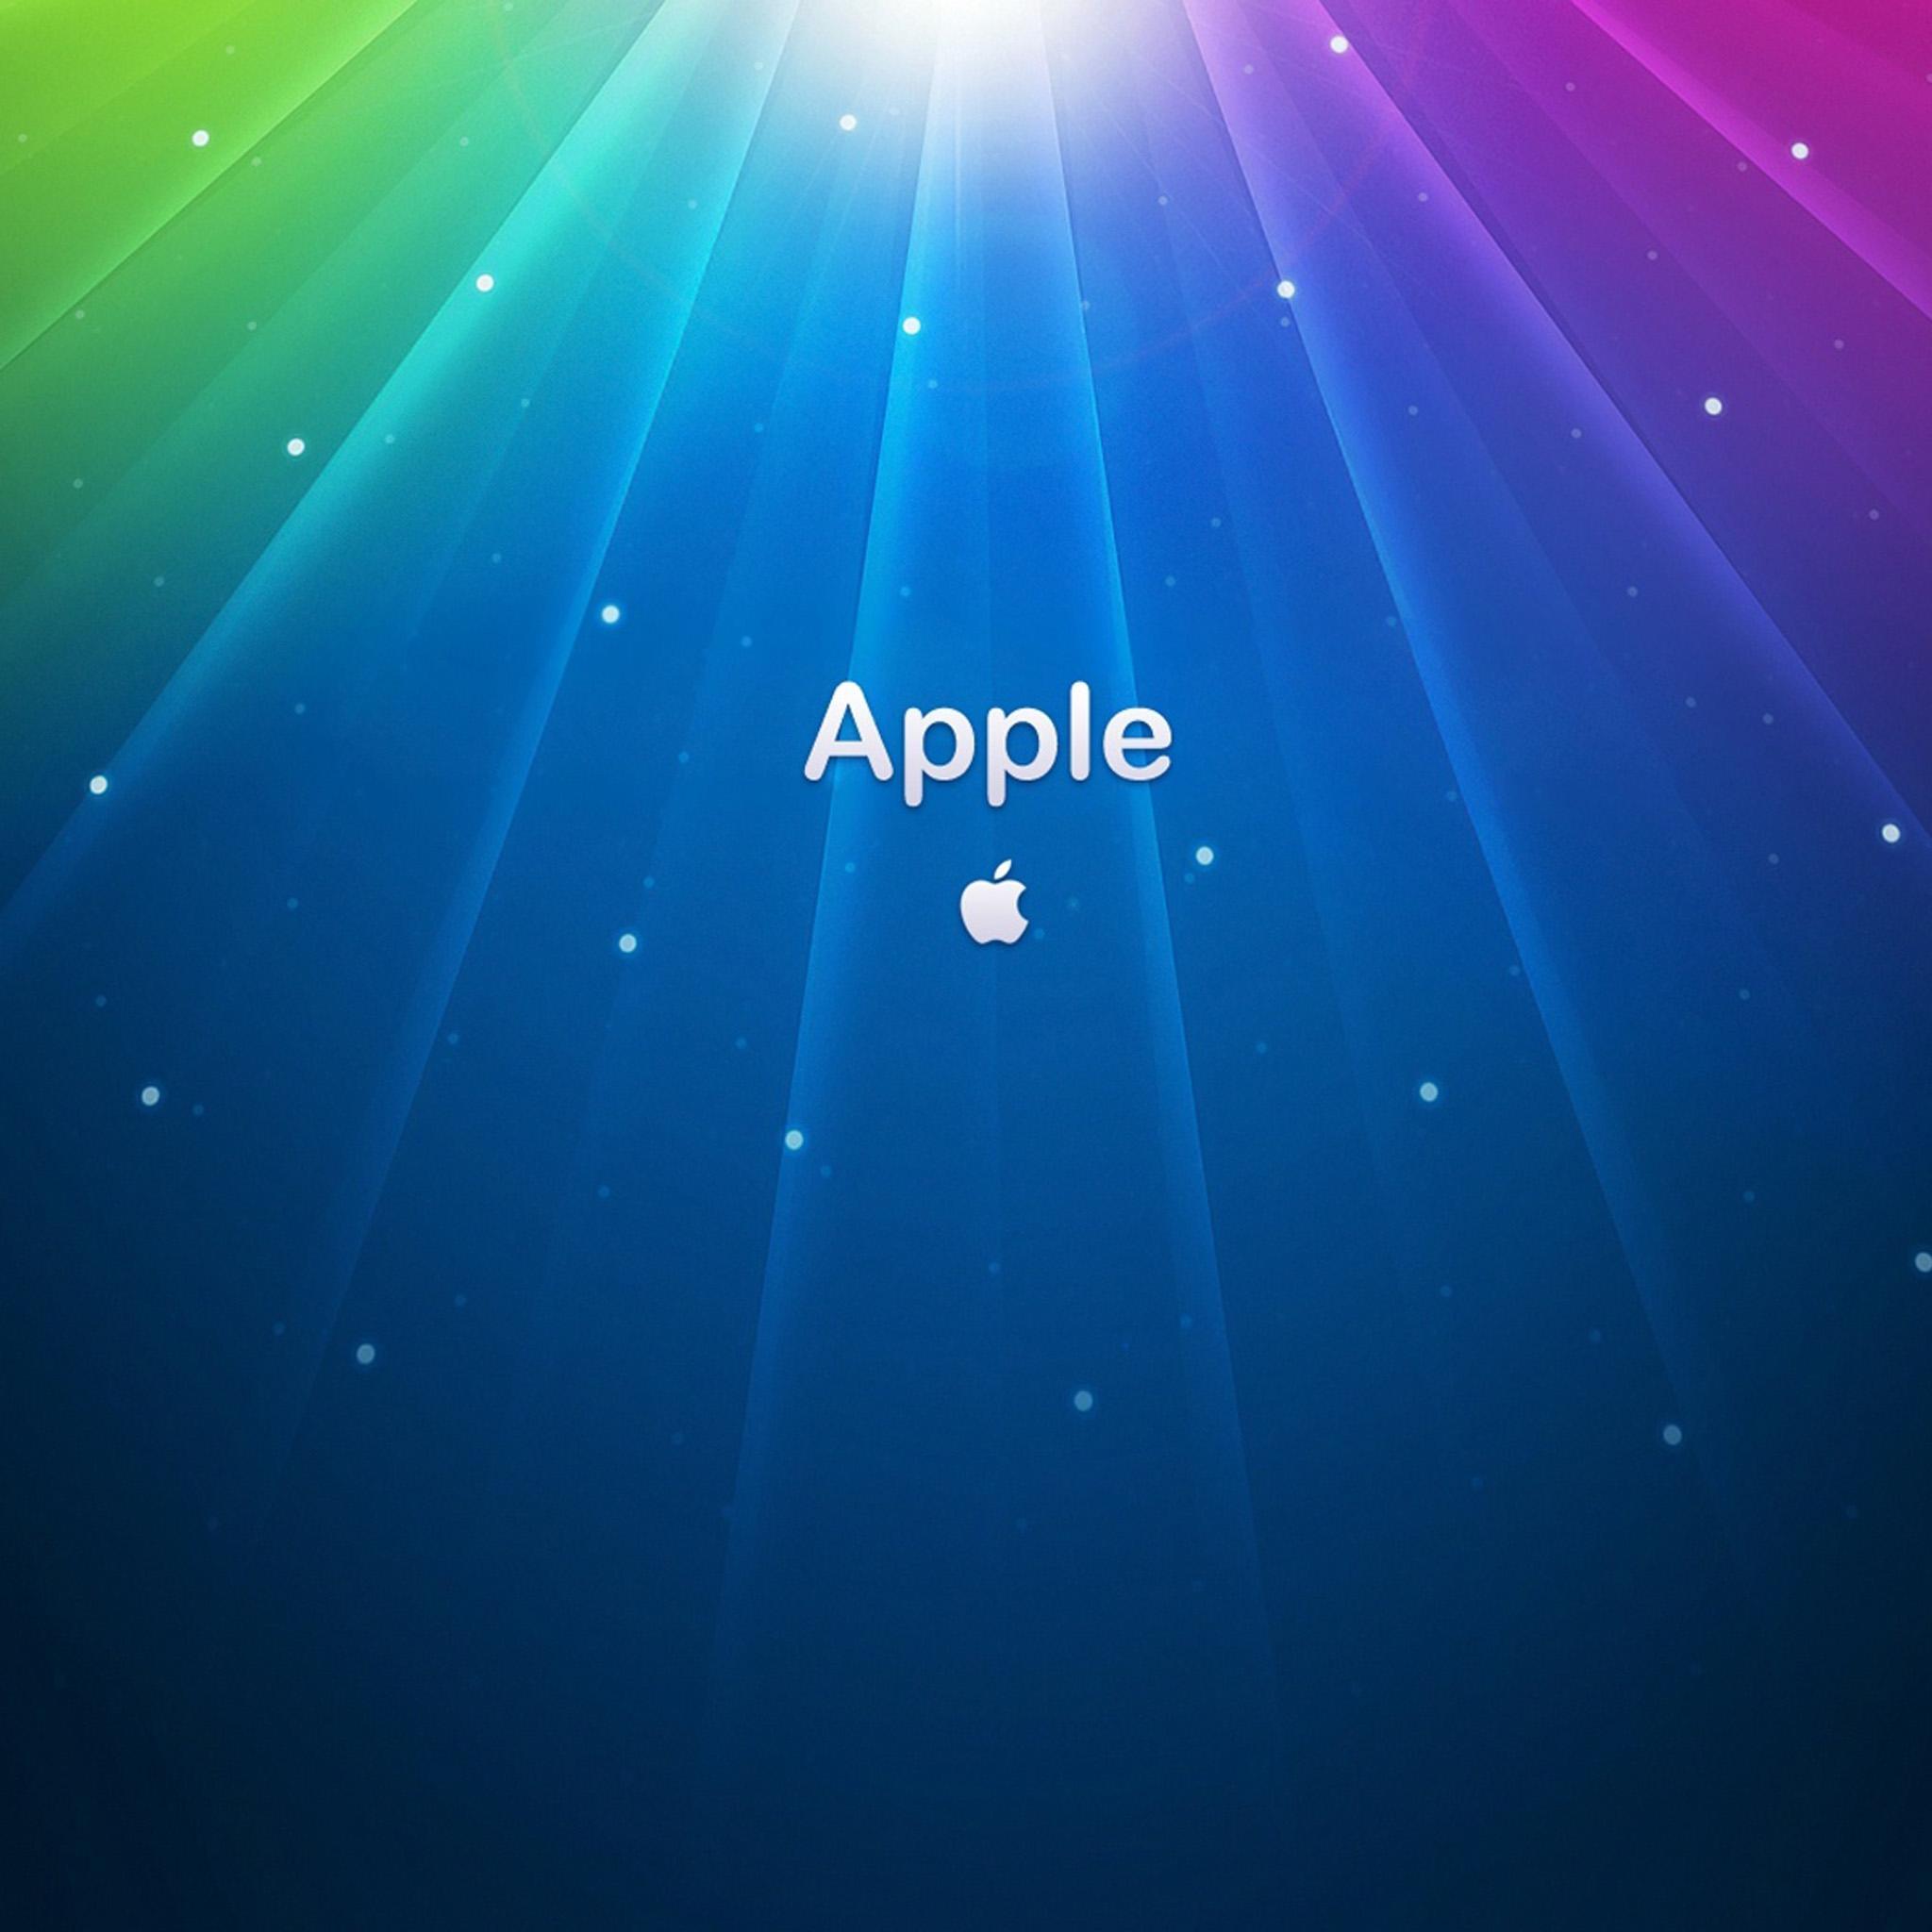 Apple Ipad Wallpapers In Hd Ipad Retina Ipad 122559 Hd